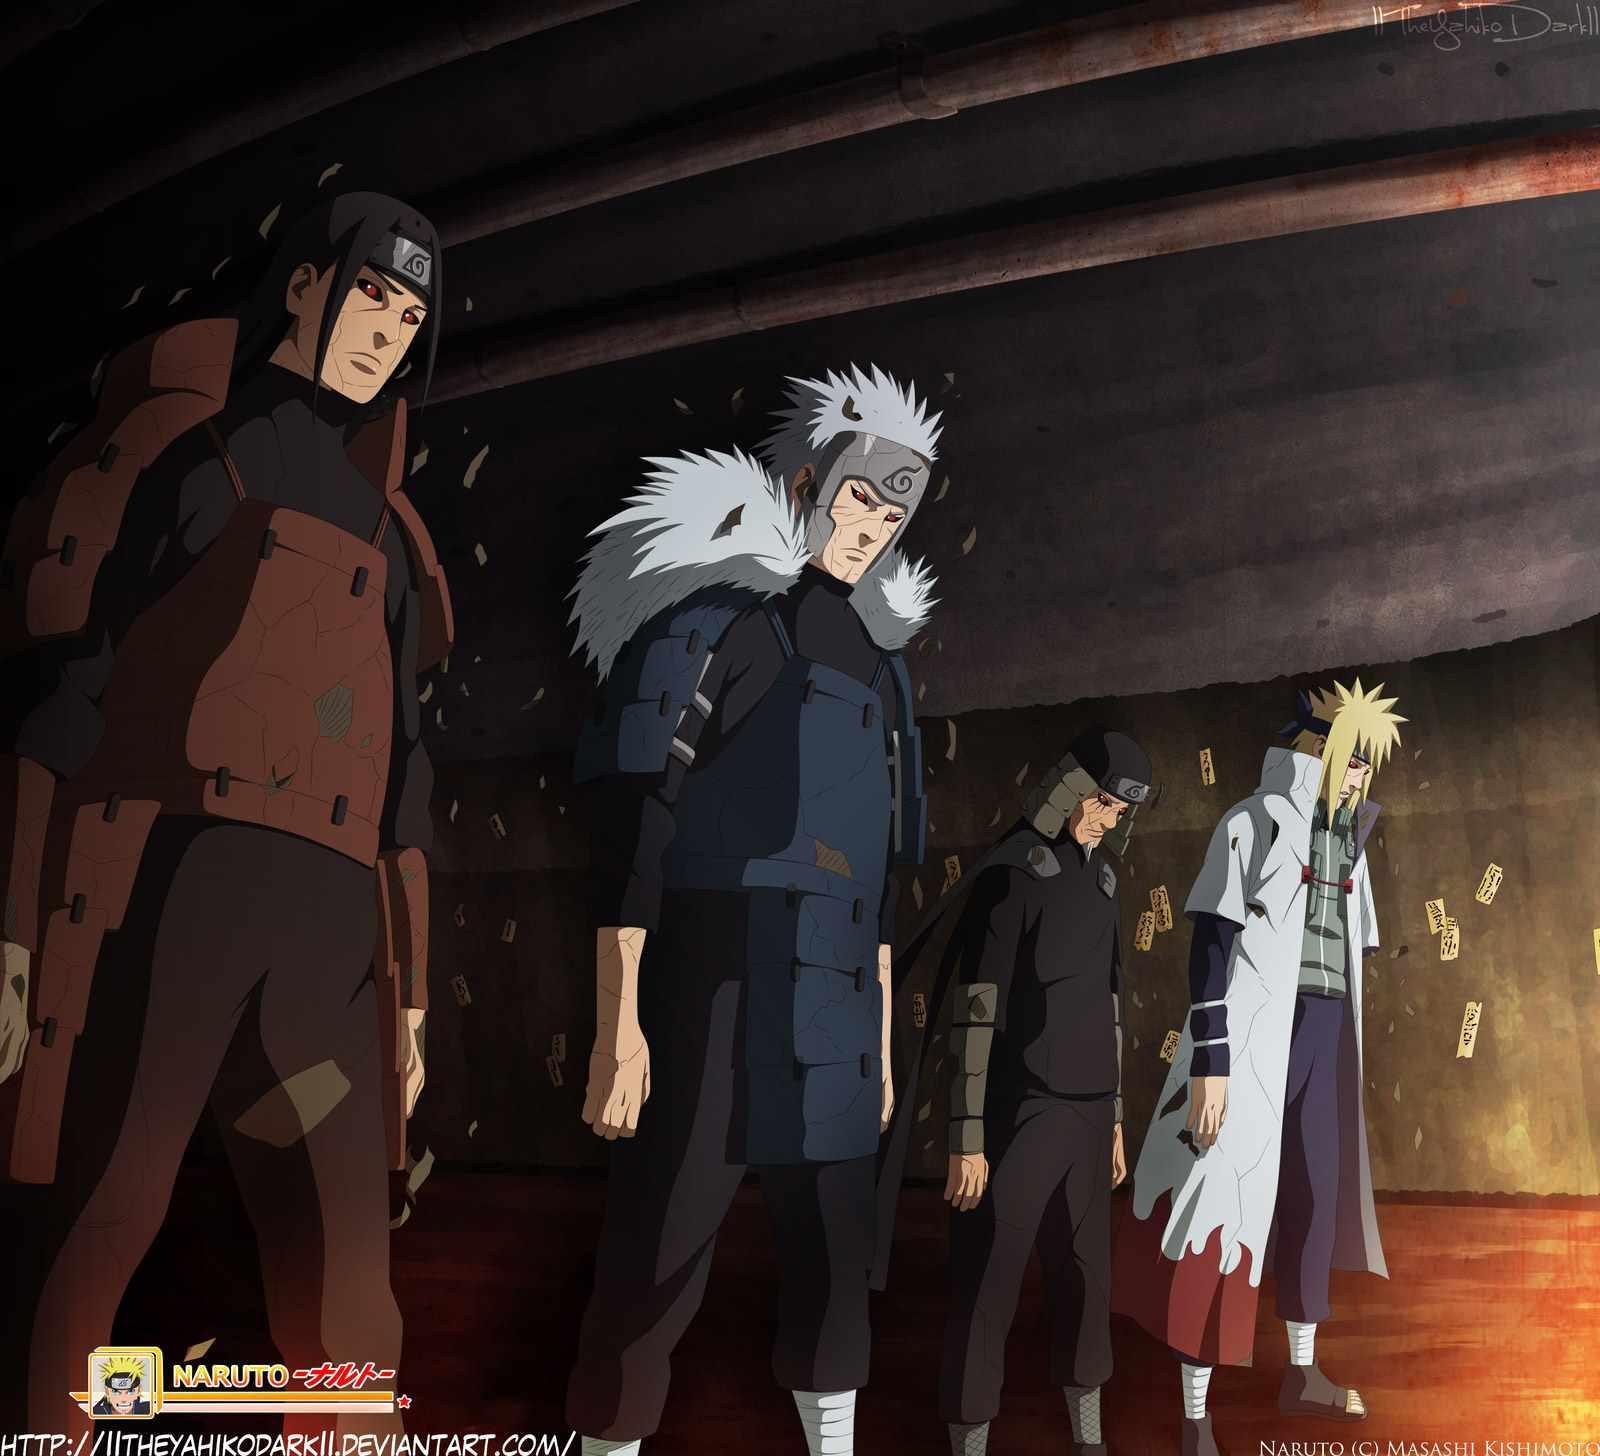 Hashirama Senju : Naruto